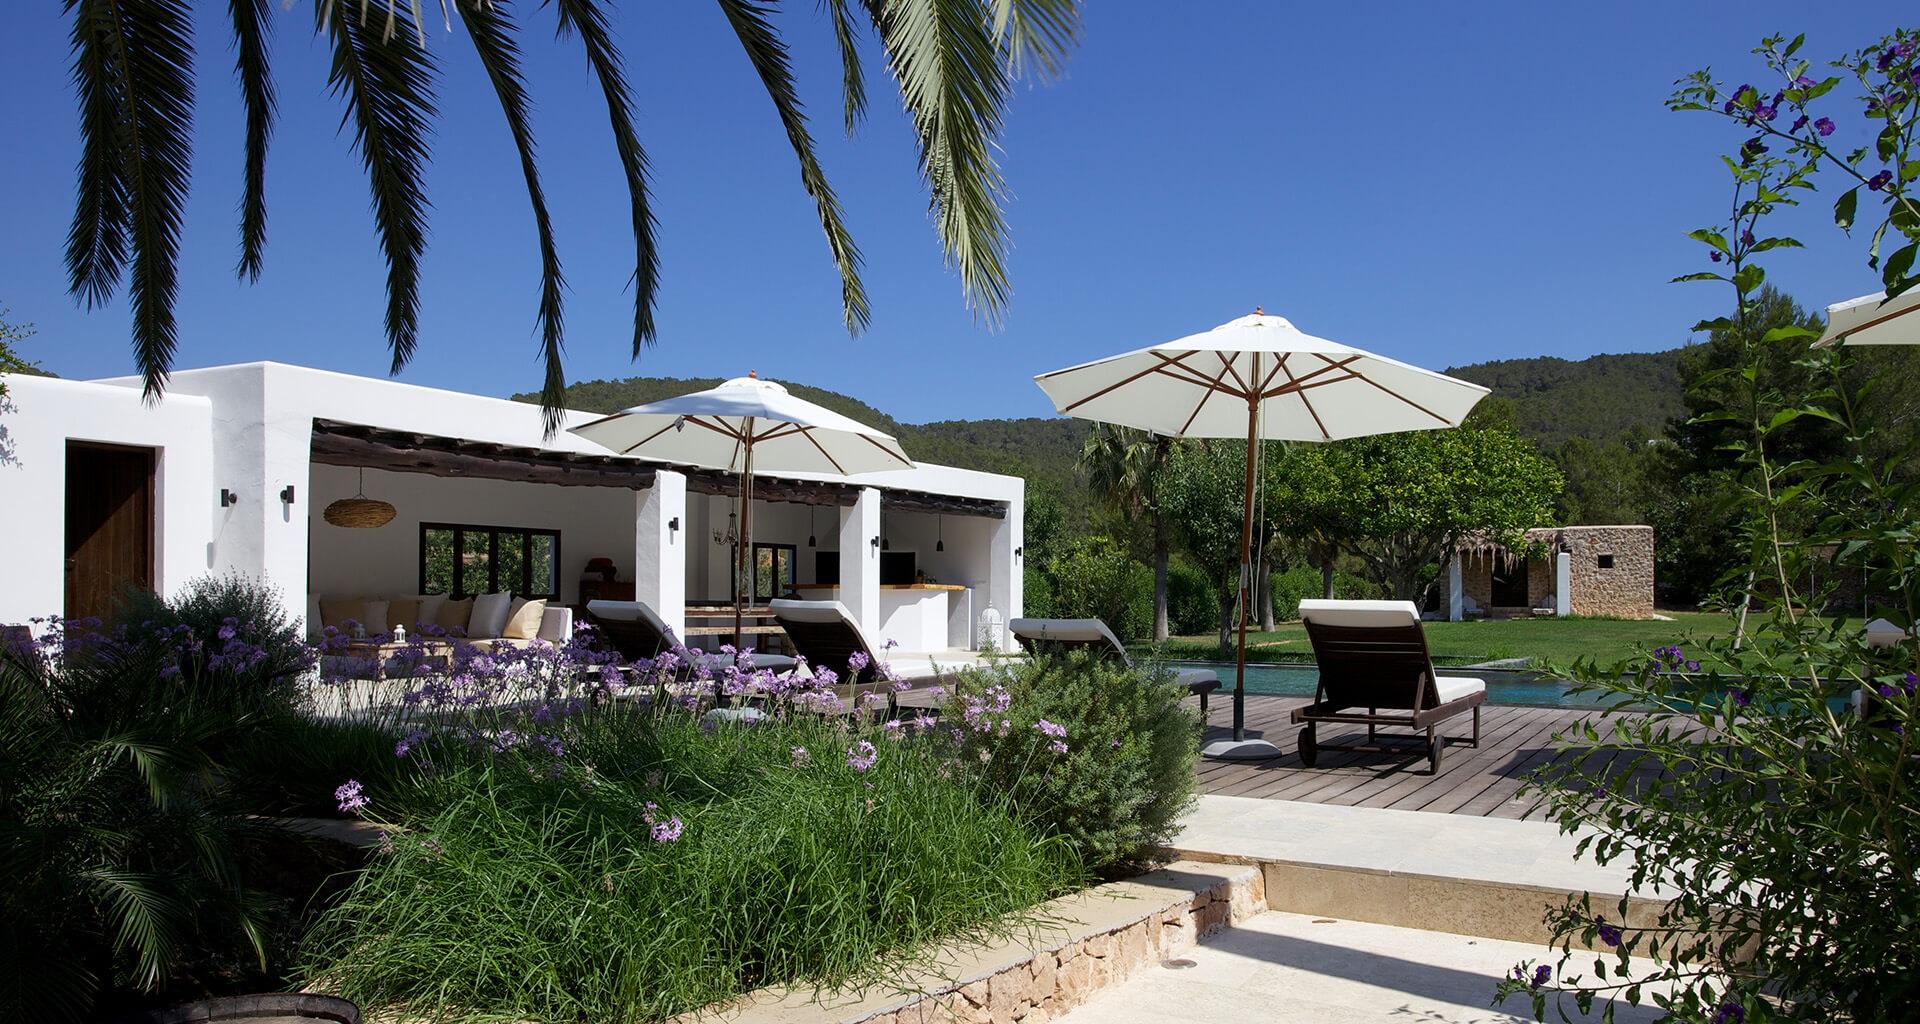 Ibiza Villa Gallery